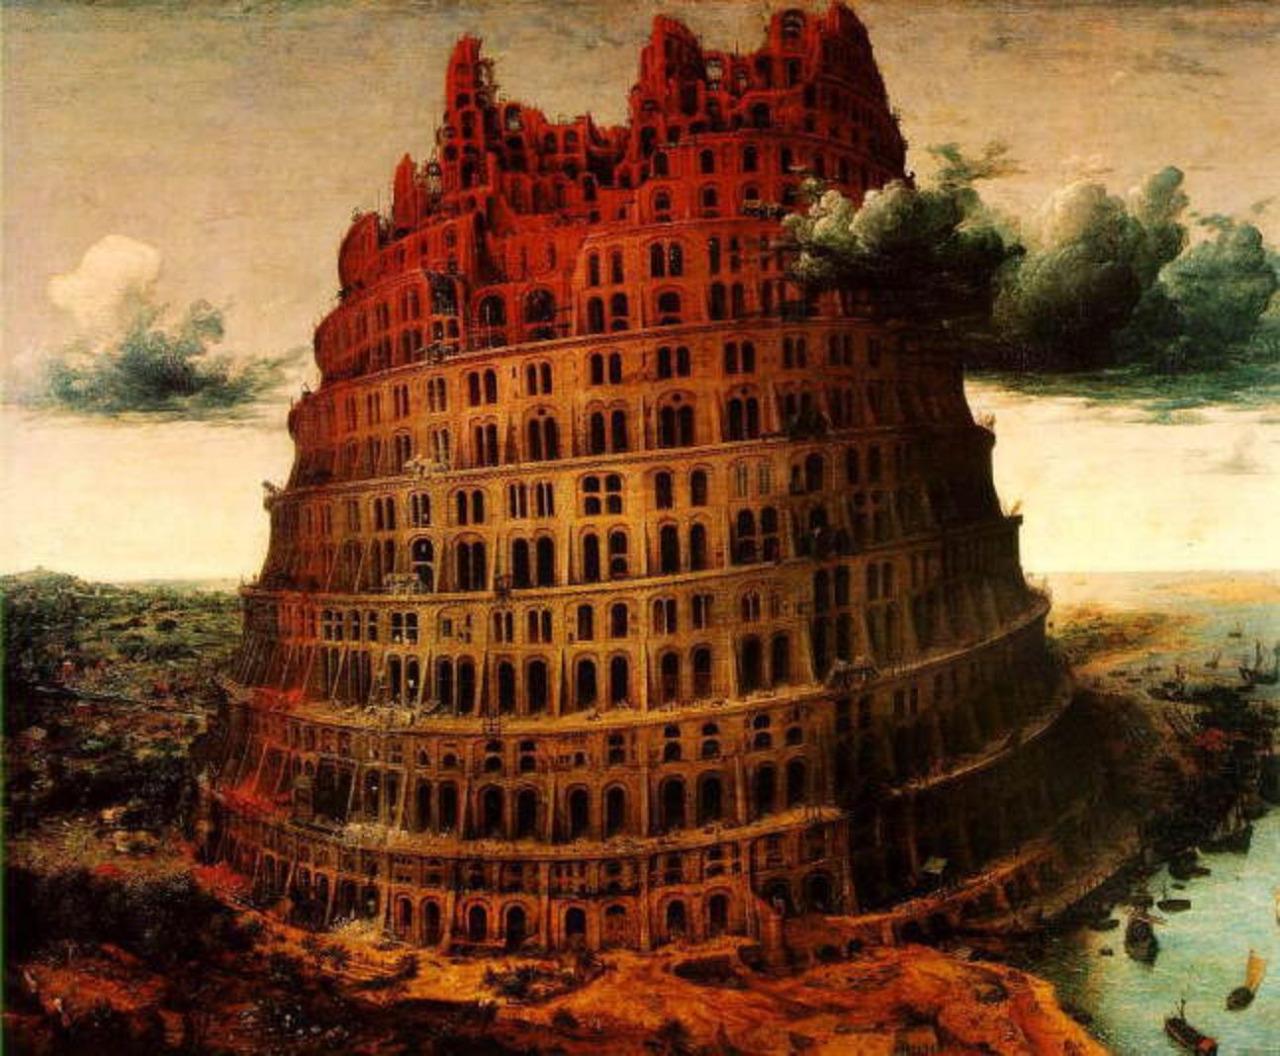 Babele tower Jan Brueghel the Elder